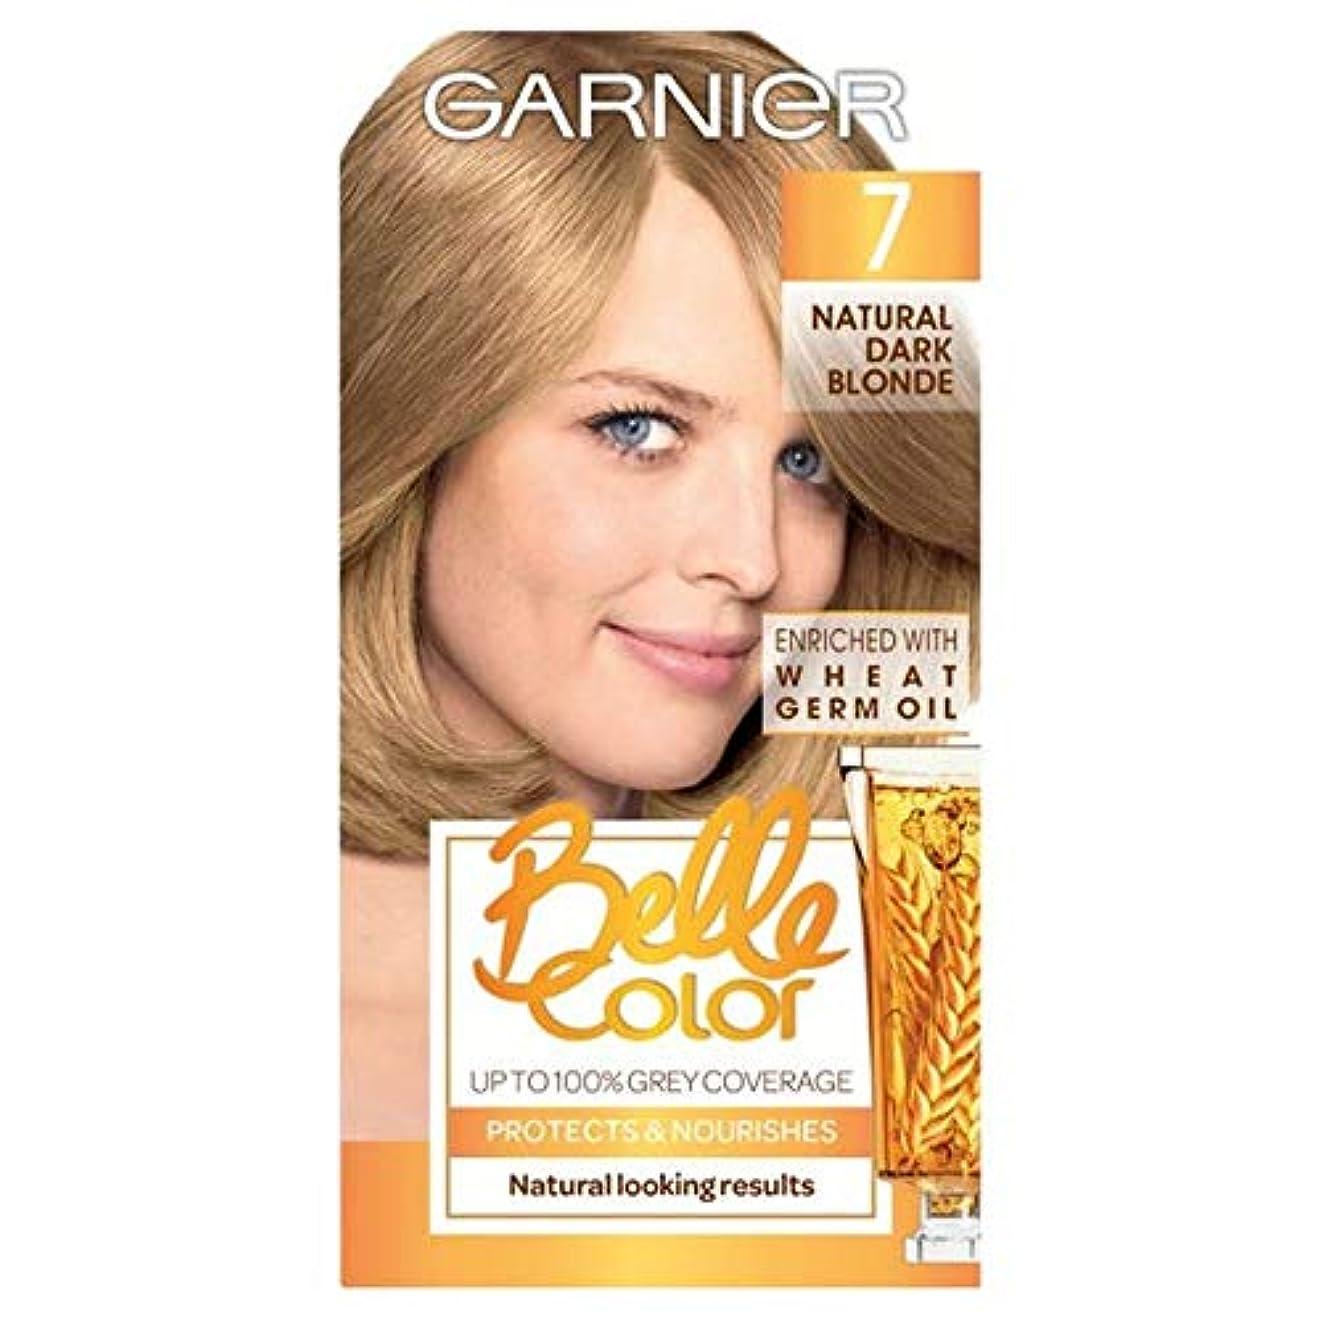 心理学であるネズミ[Belle Color ] ガーン/ベル/Clr 7ナチュラルダークブロンドパーマネントヘアダイ - Garn/Bel/Clr 7 Natural Dark Blonde Permanent Hair Dye [並行輸入品]